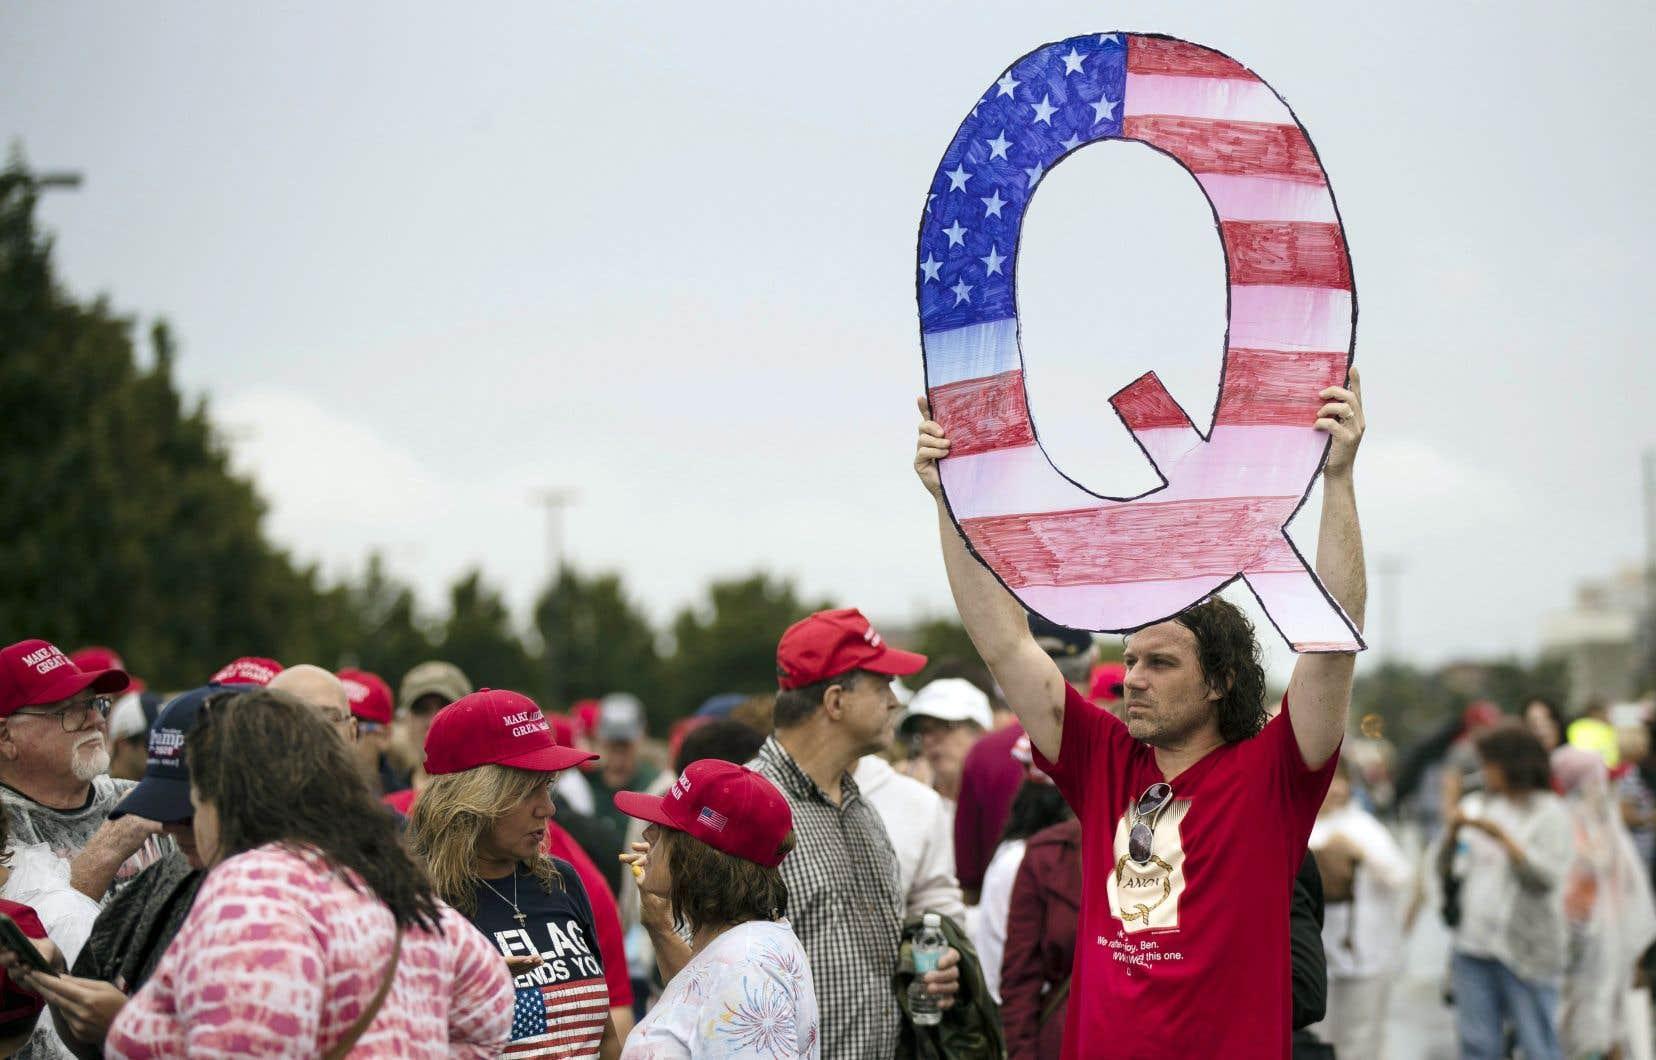 Une baisse du nombre d'adhérents à QAnon pourrait être compensée par une hausse de leur dangerosité.